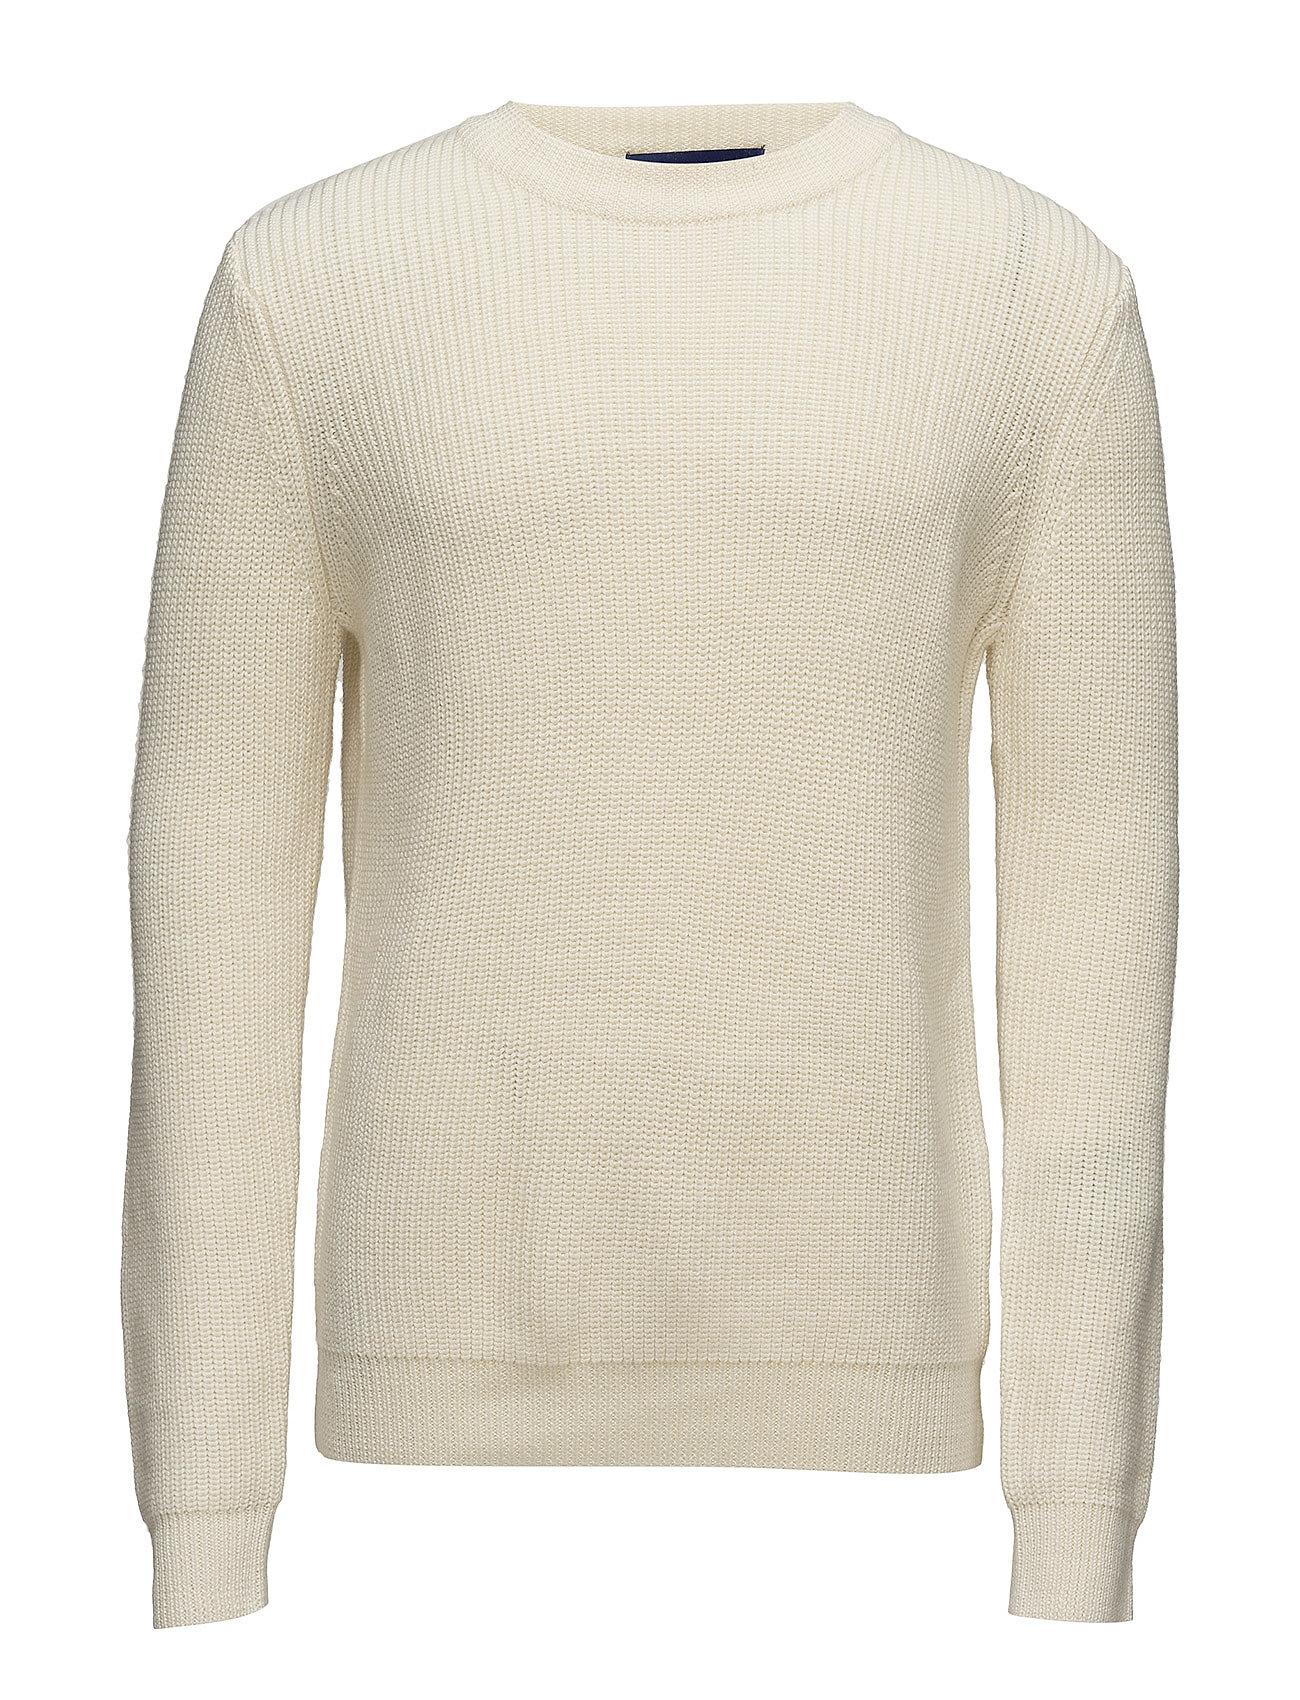 native north – Merino sweatshirt på boozt.com dk